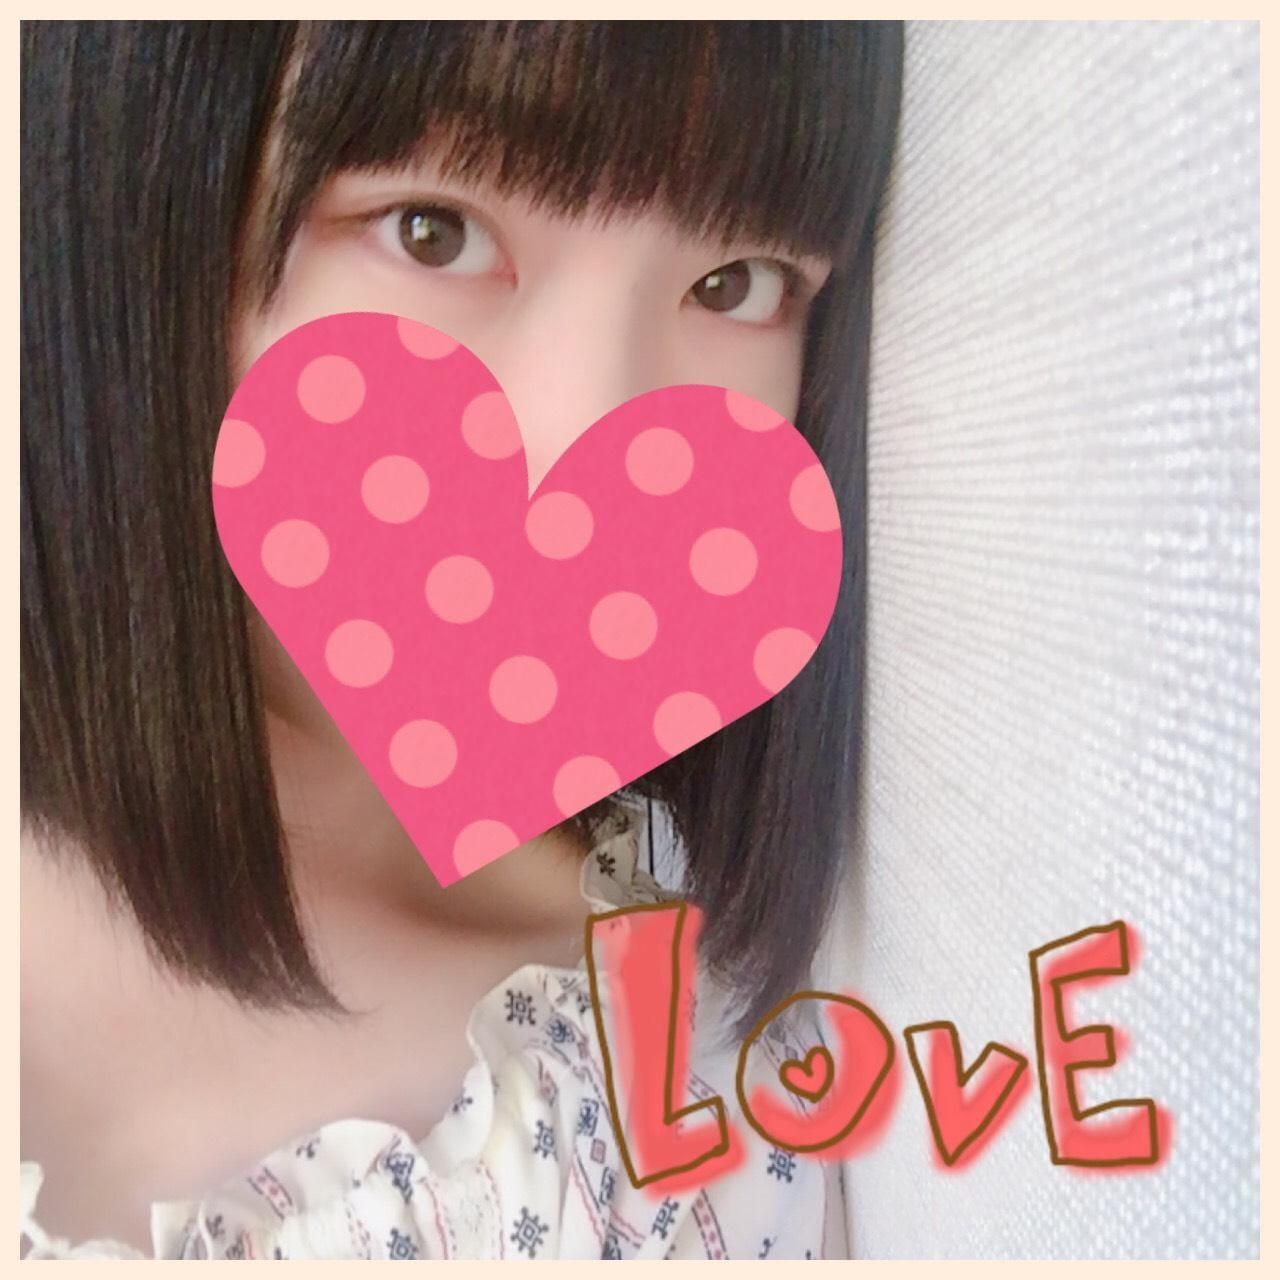 「こんにちわ(*´?`*)」07/18(水) 15:29 | アスカの写メ・風俗動画